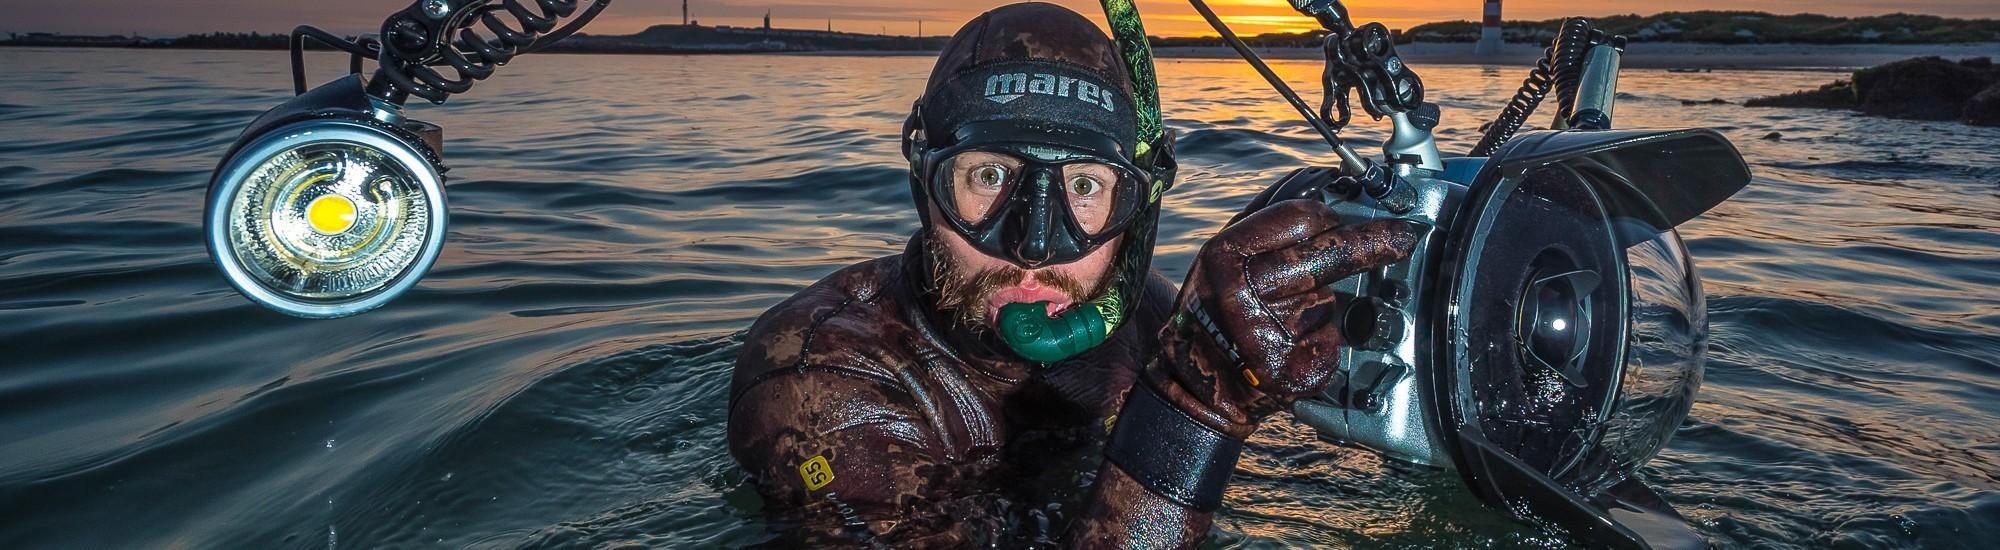 t Robert Marc Lehmann mit Tauchausrüstung im Meer.